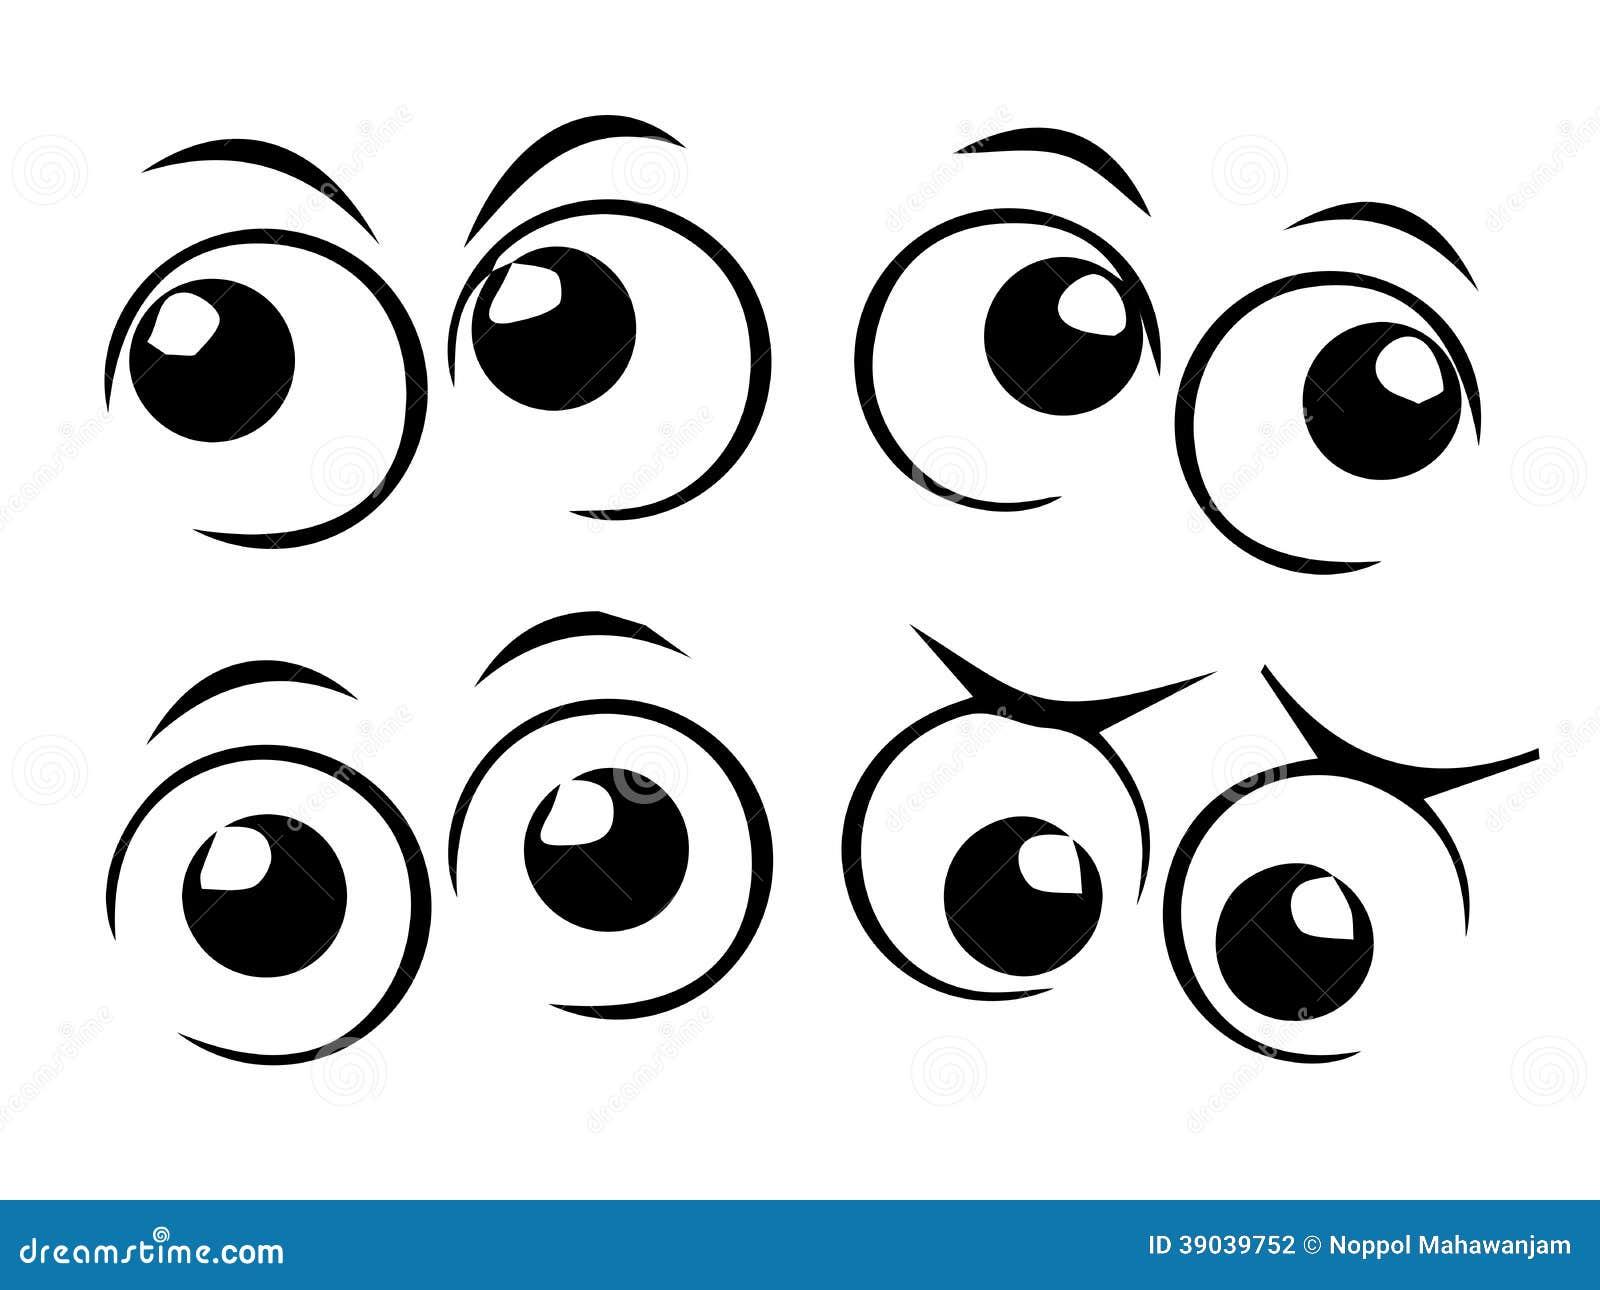 Olhos Dos Desenhos Animados Ilustracao Do Vetor Ilustracao De Desenhos Animados 39039752